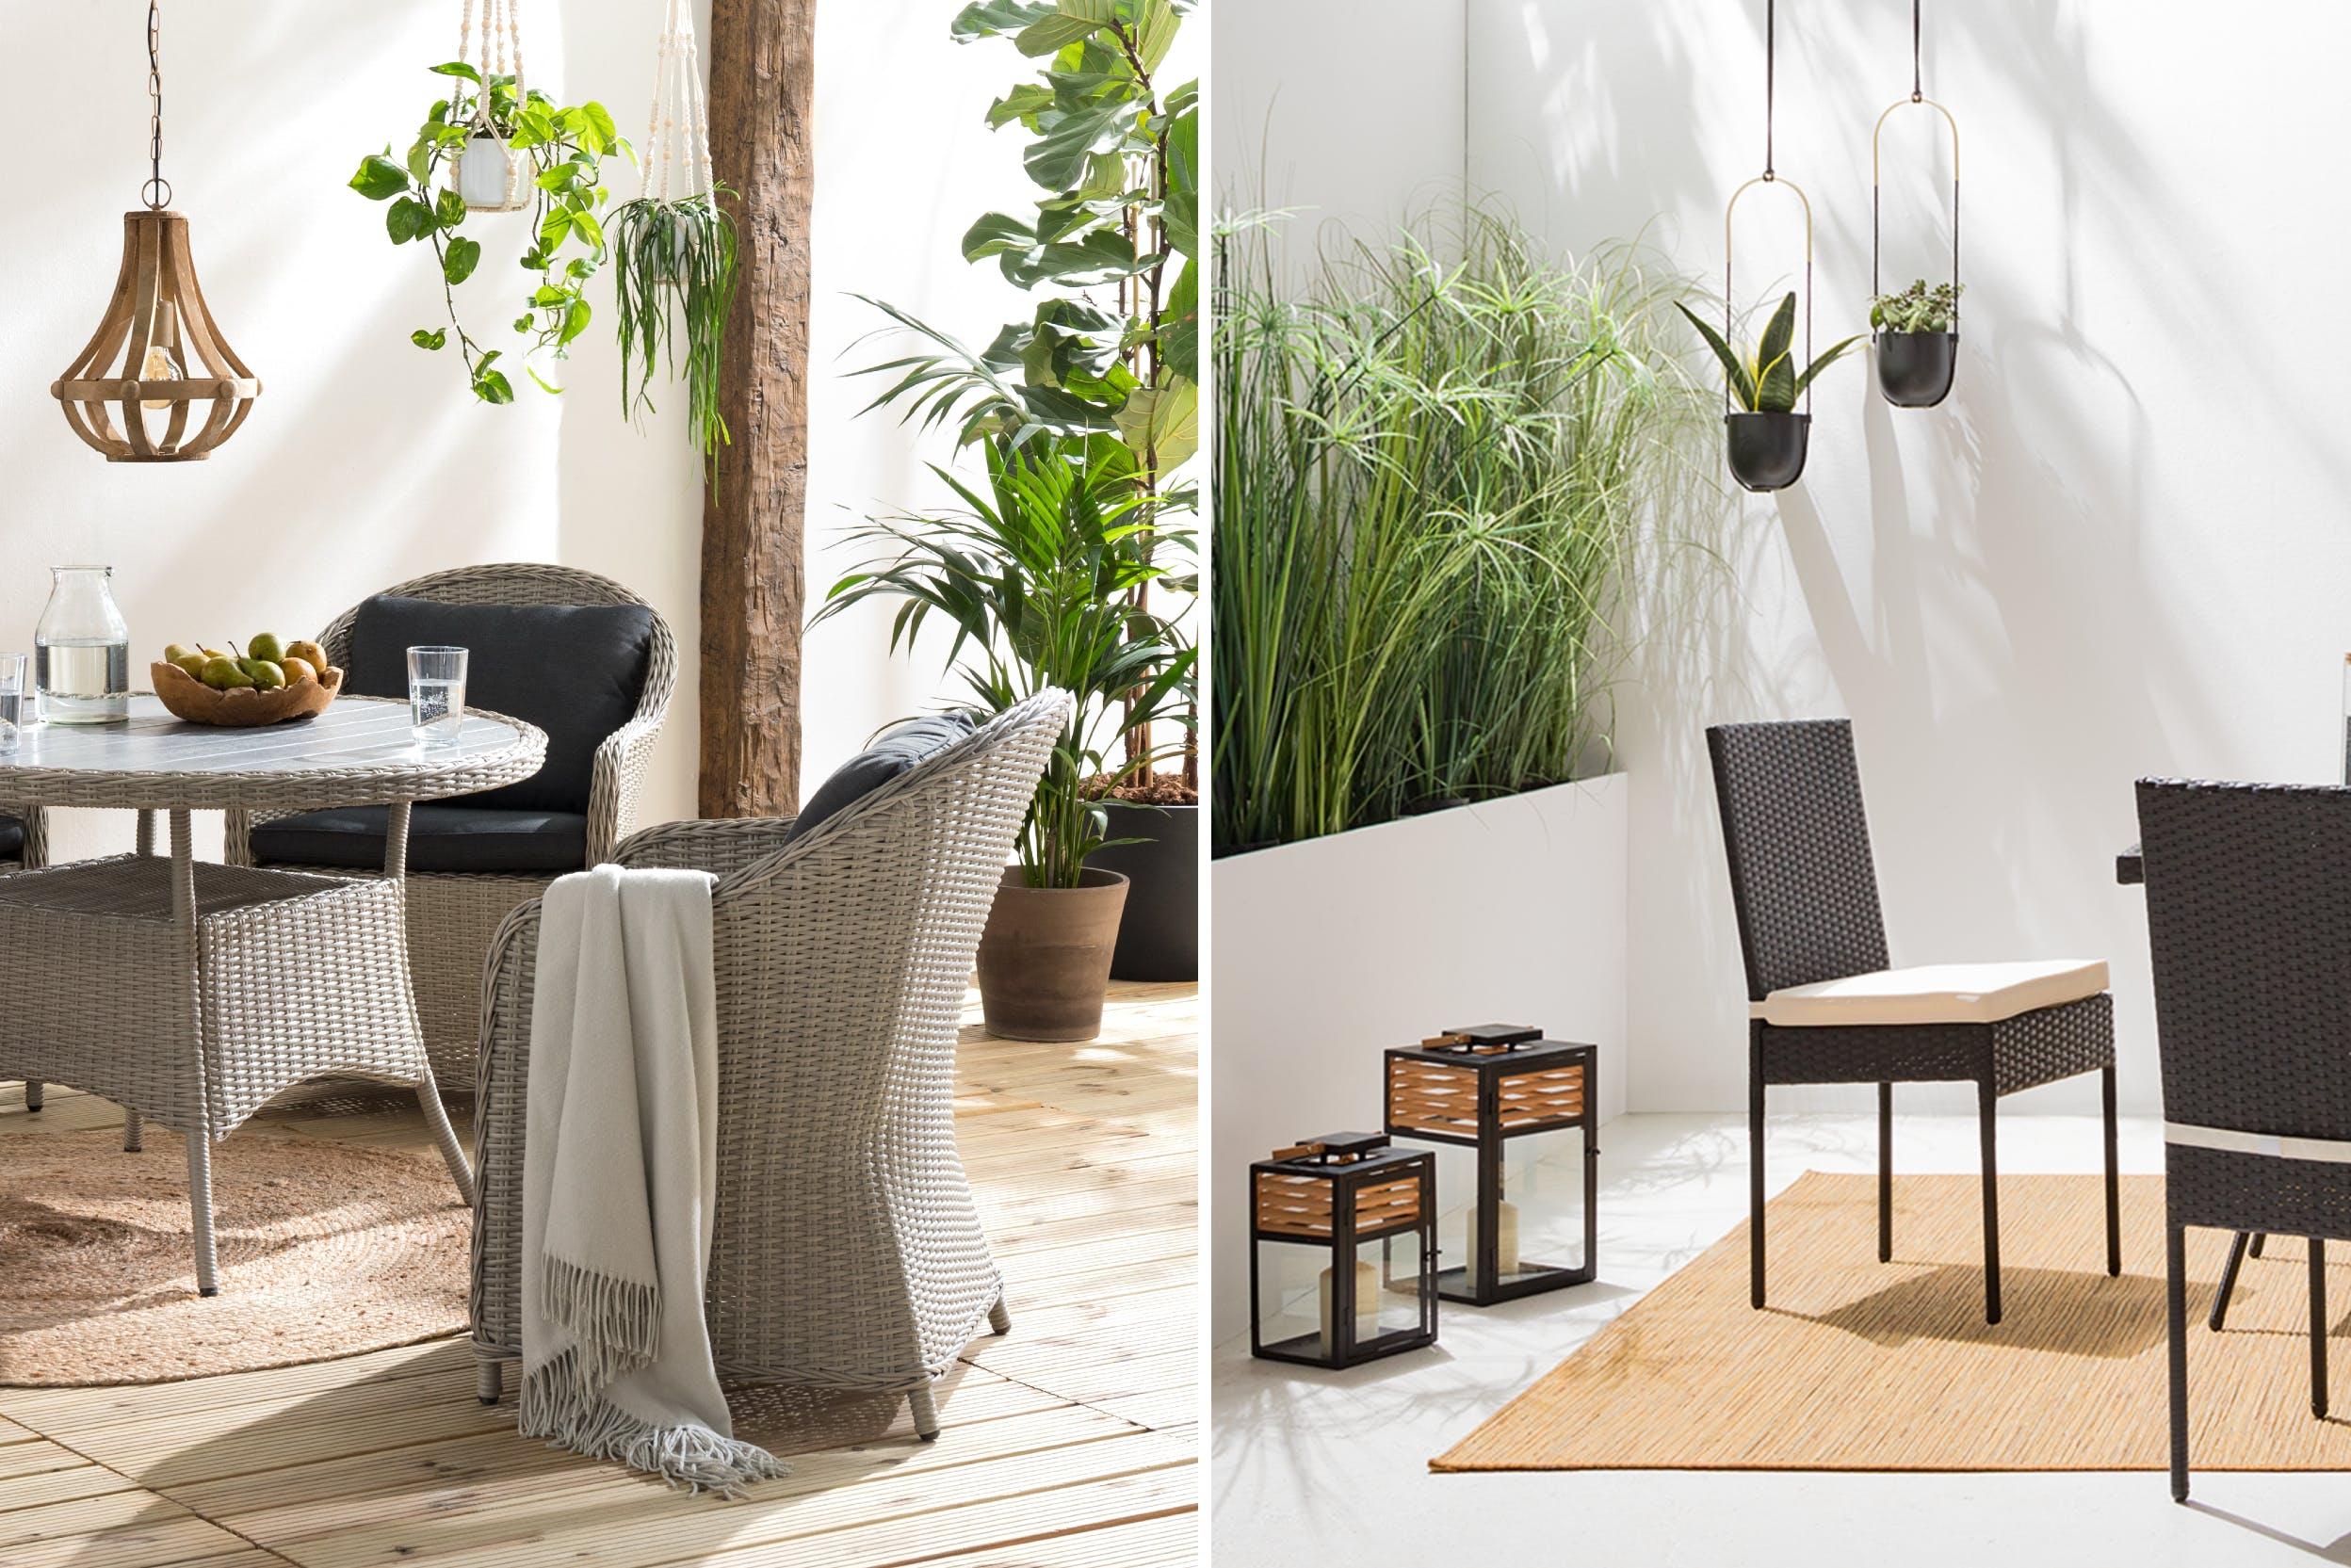 Terrassenmöbel und üppige Bepflanzung als grüner Sichtschutz